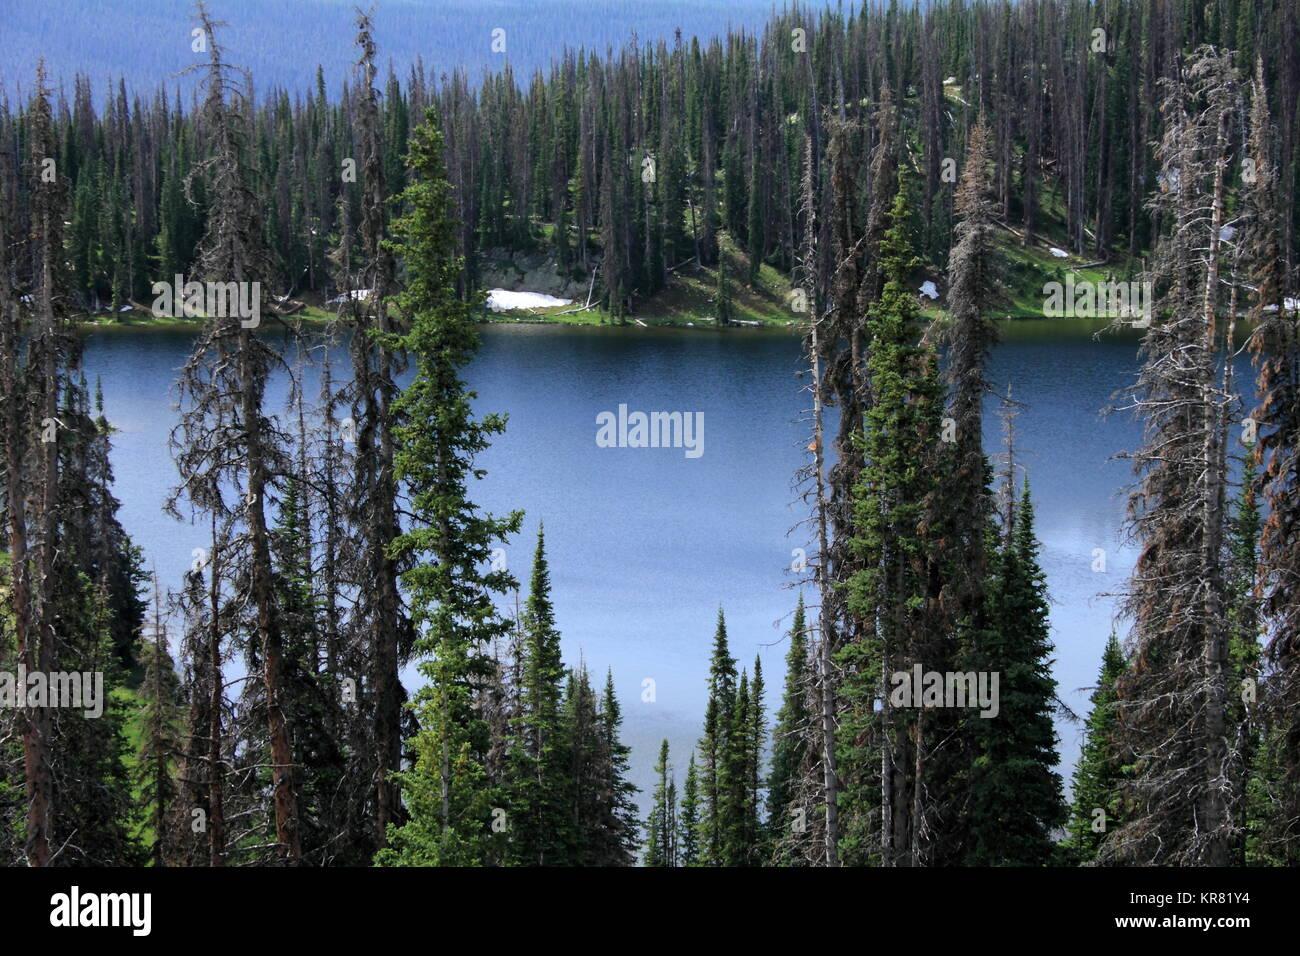 El lago en Wyoming, rodeado por pinos muertos. La infestación del escarabajo de pino de montaña. Foto de stock